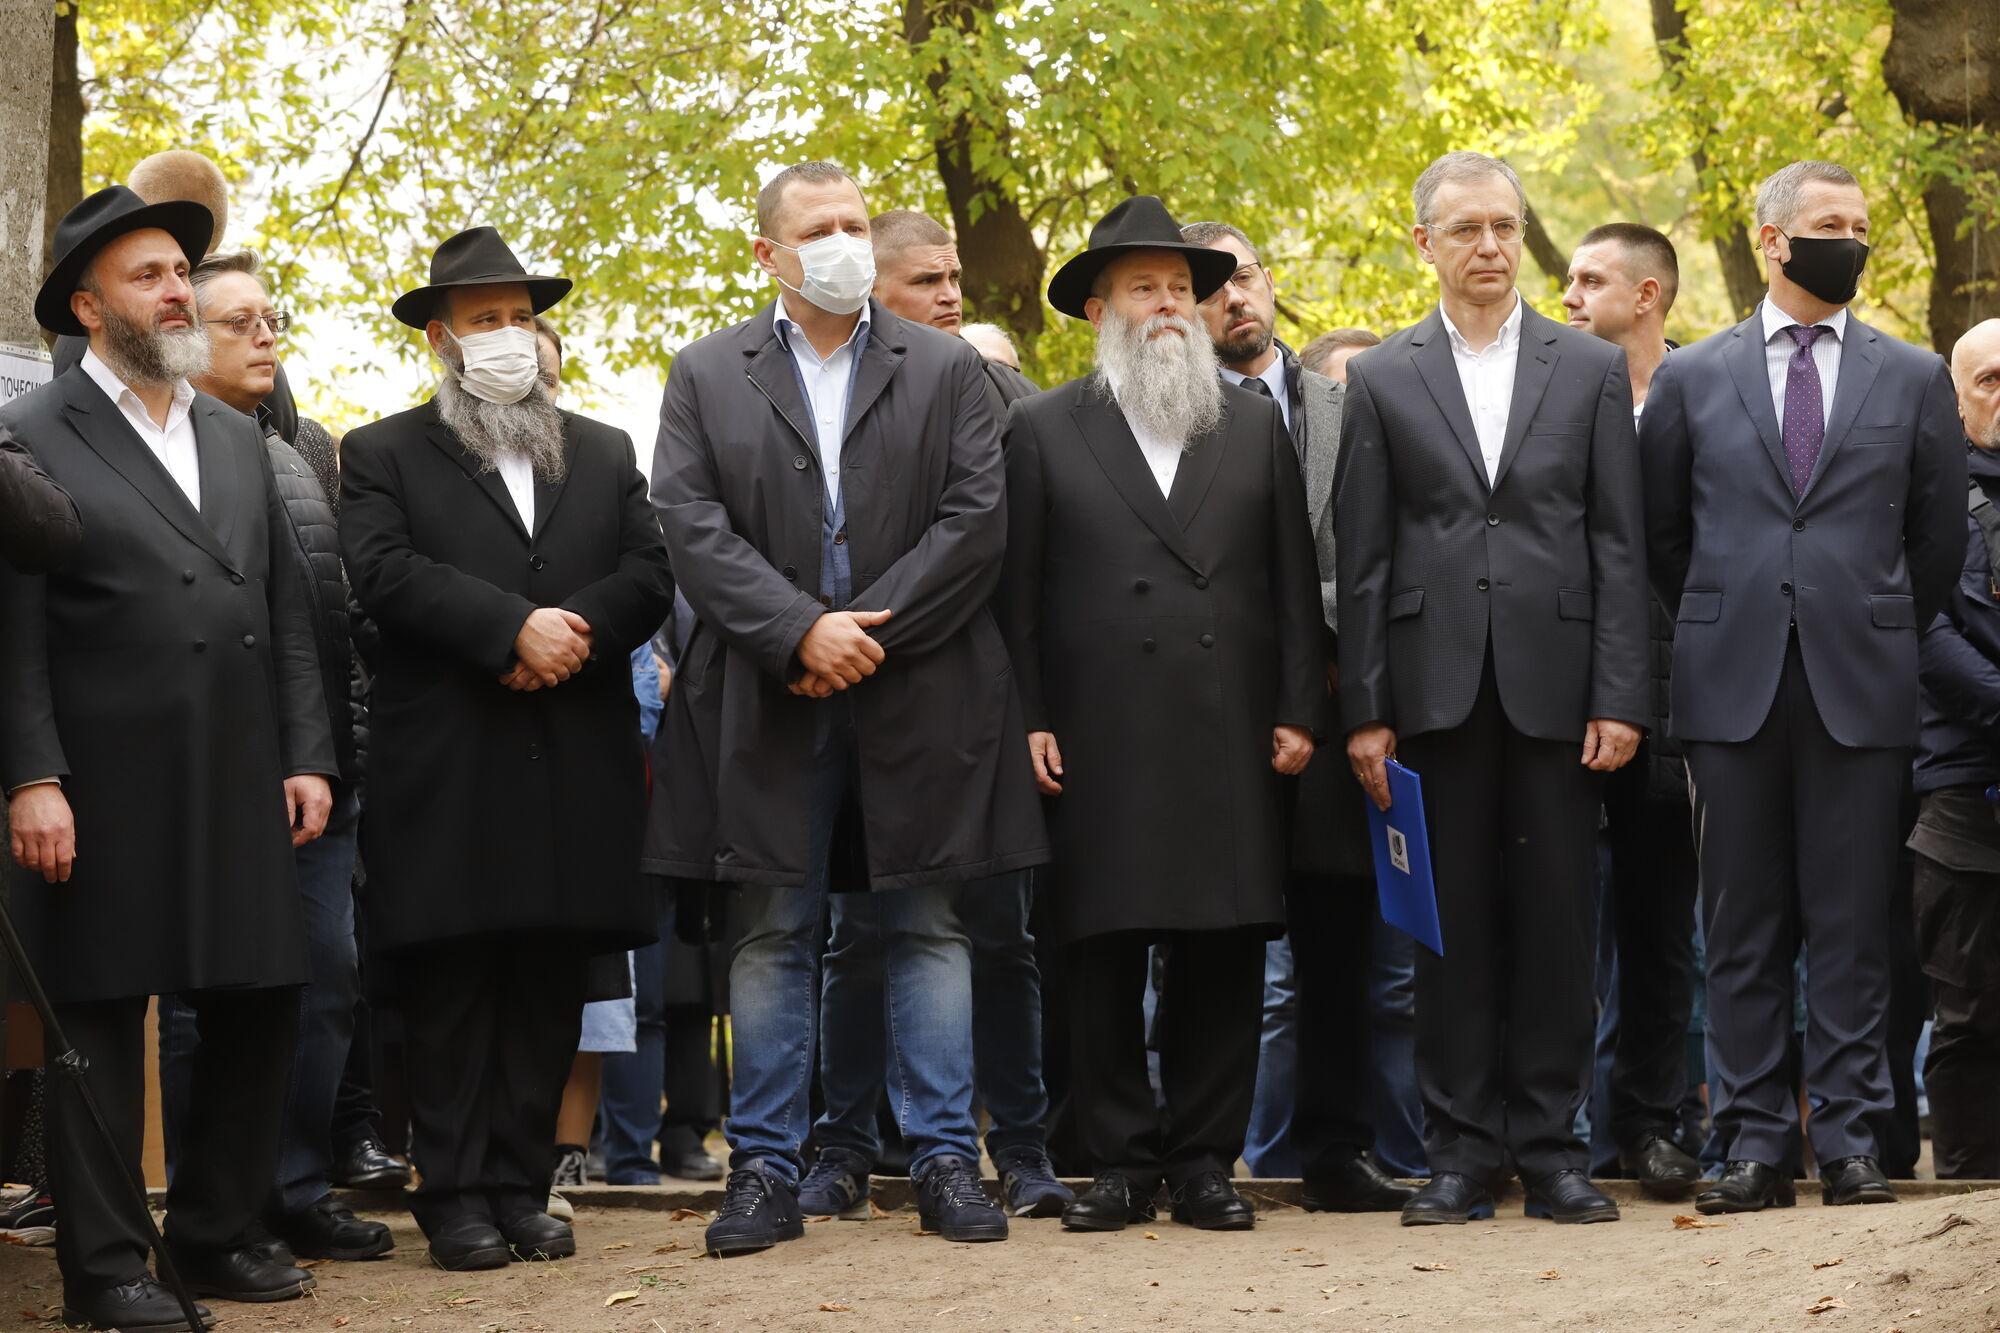 К мероприятию присоединились люди всех возрастов, а также лидеры многих религиозных конфессий.